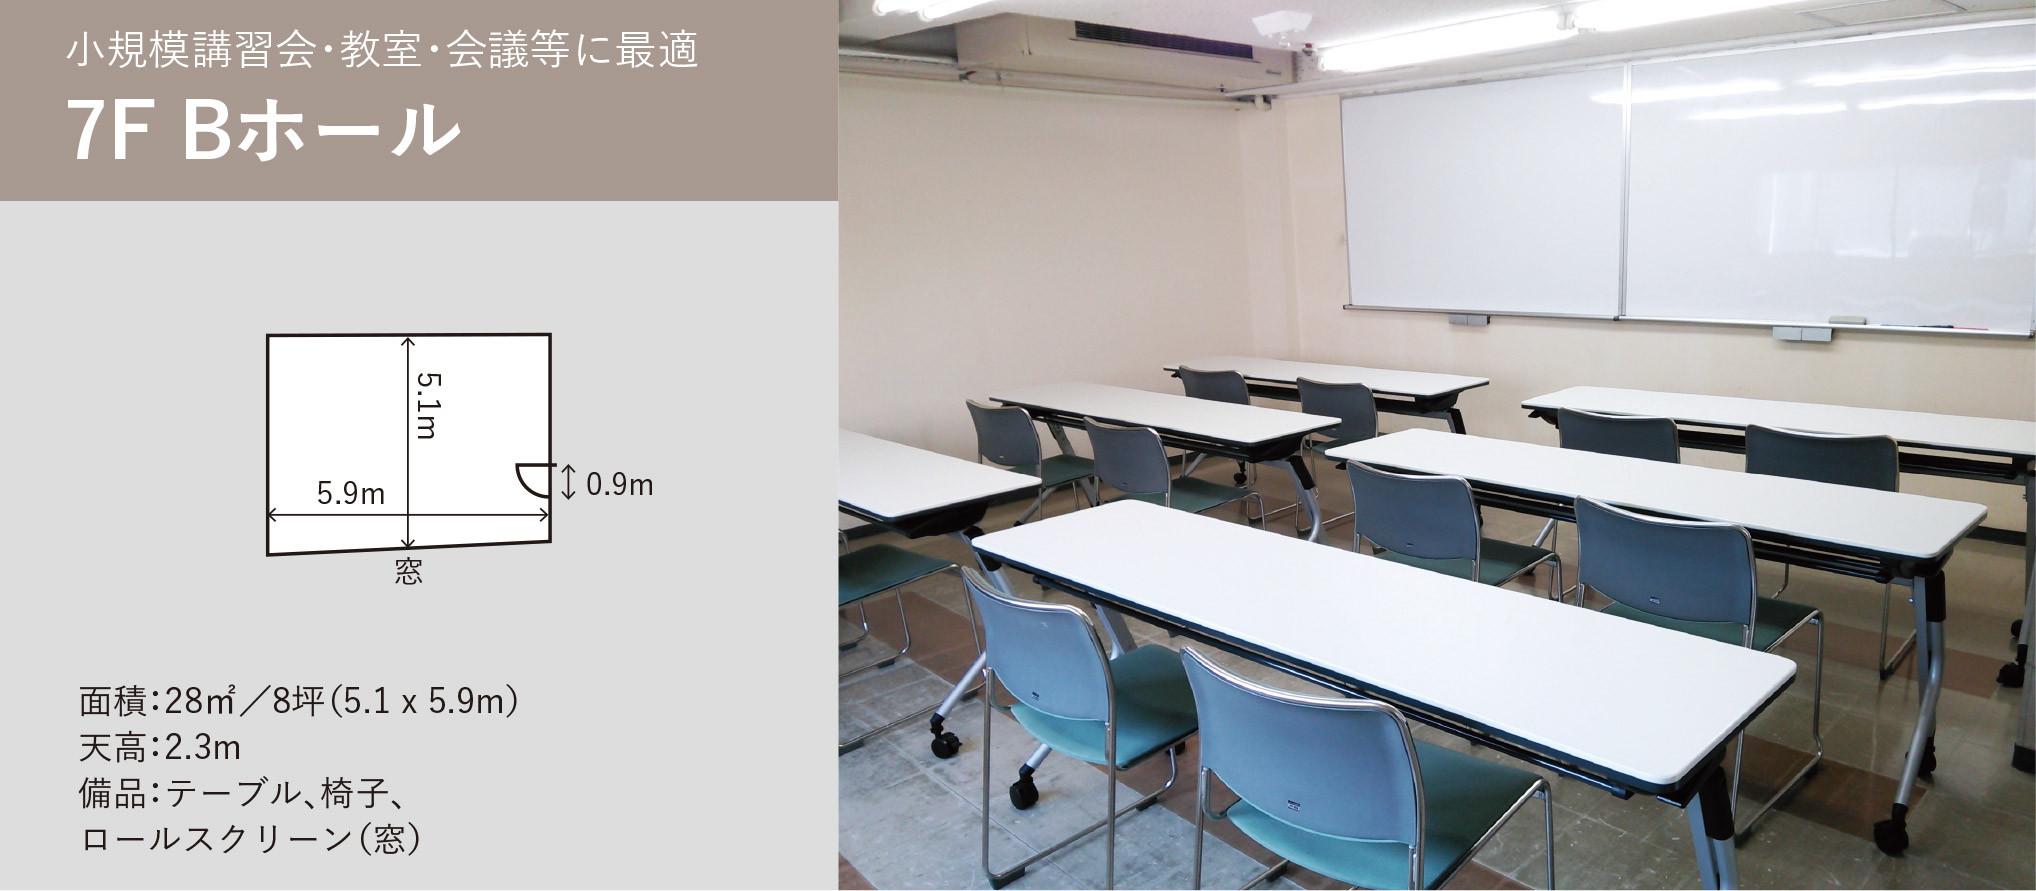 Hall_top_7F_B.jpg